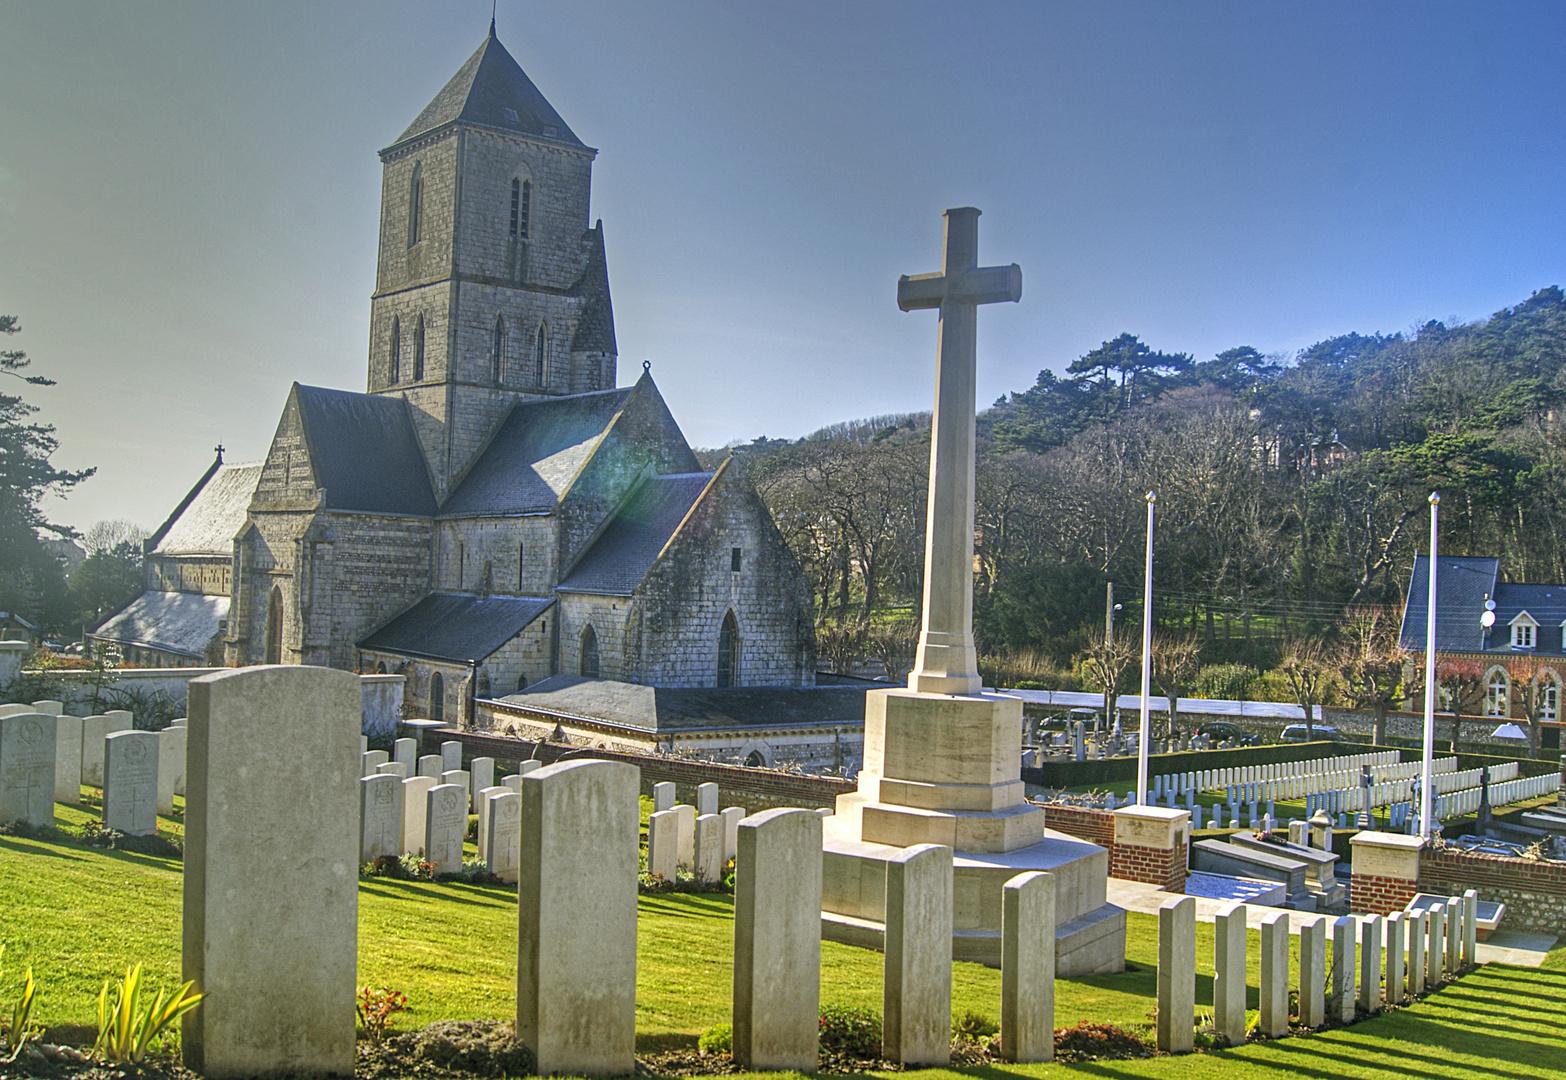 la petite église d'Etretat, seine maritime